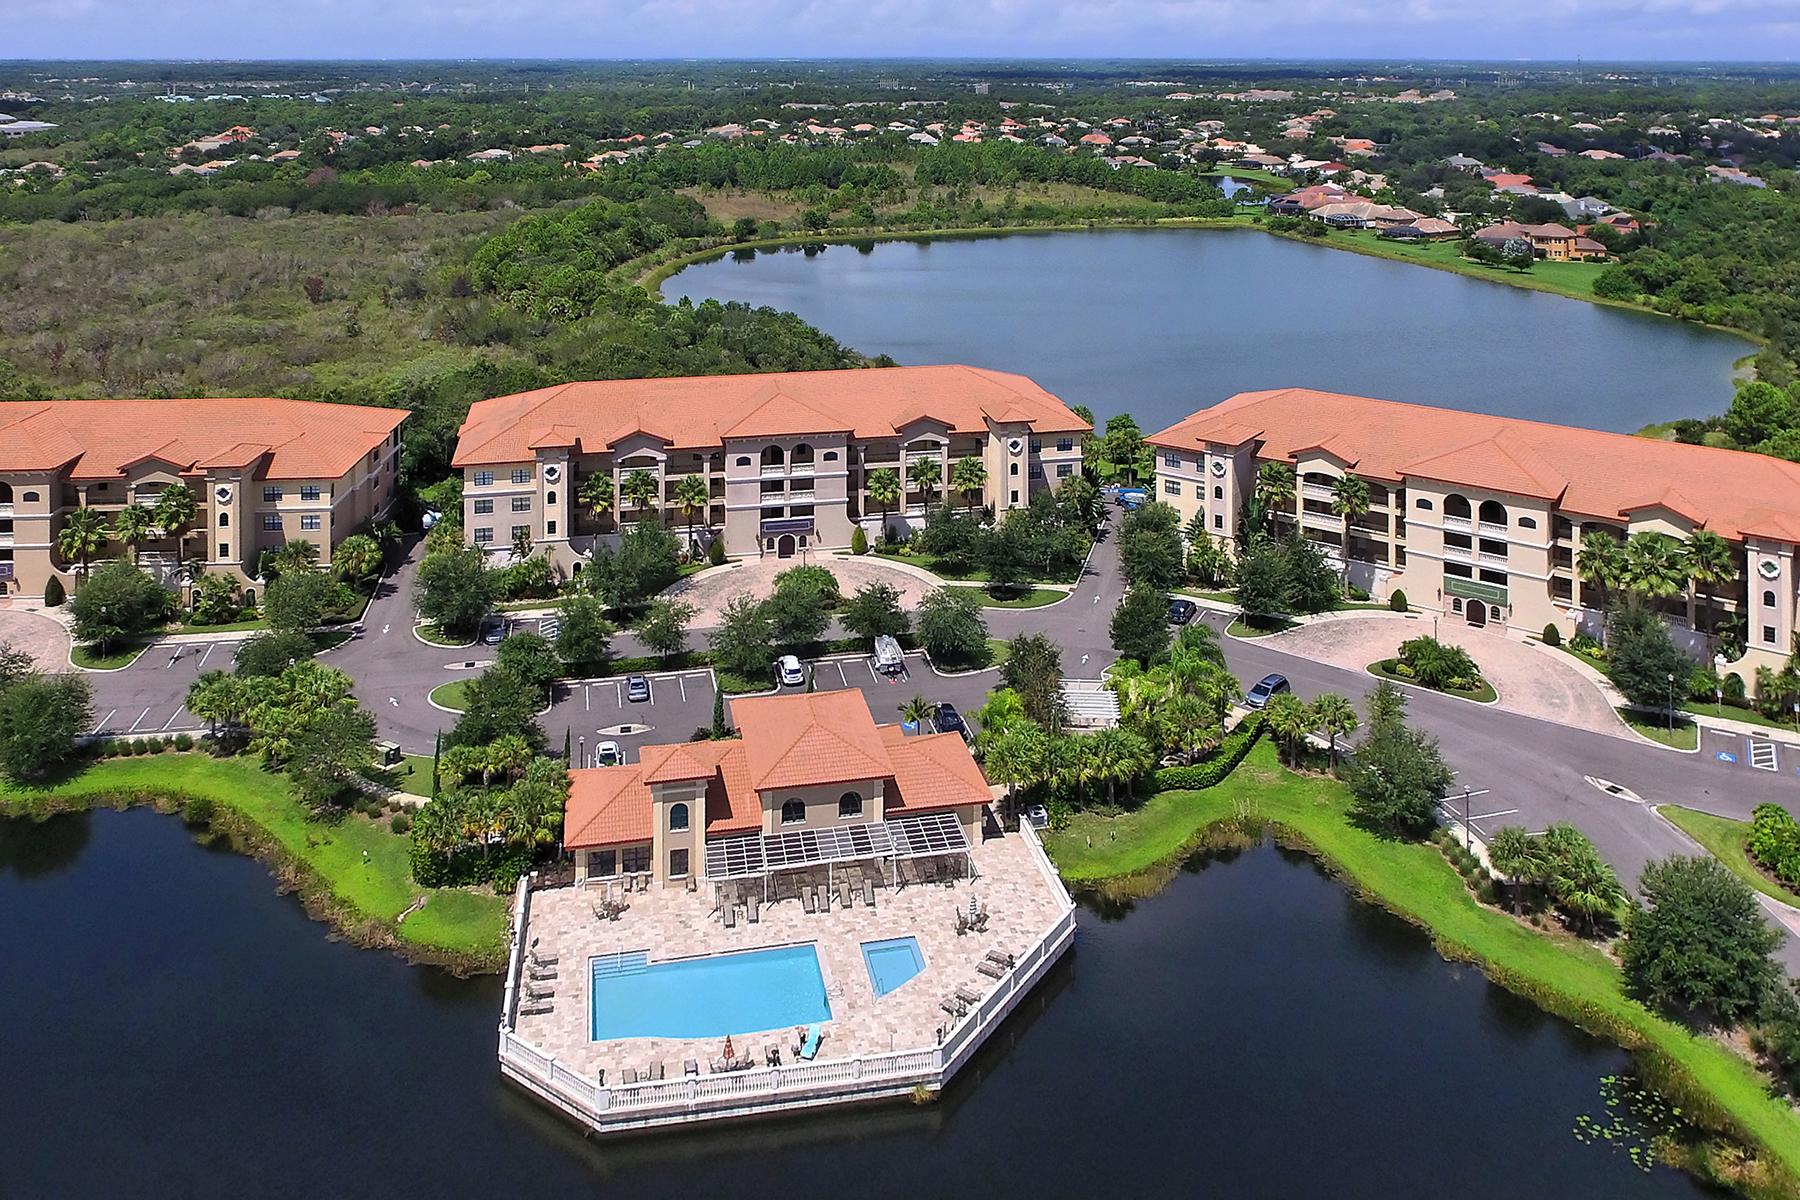 Condominium for Sale at LAKEWOOD RANCH - LAKE VISTA 7710 Lake Vista Ct 306 Lakewood Ranch, Florida, 34202 United States